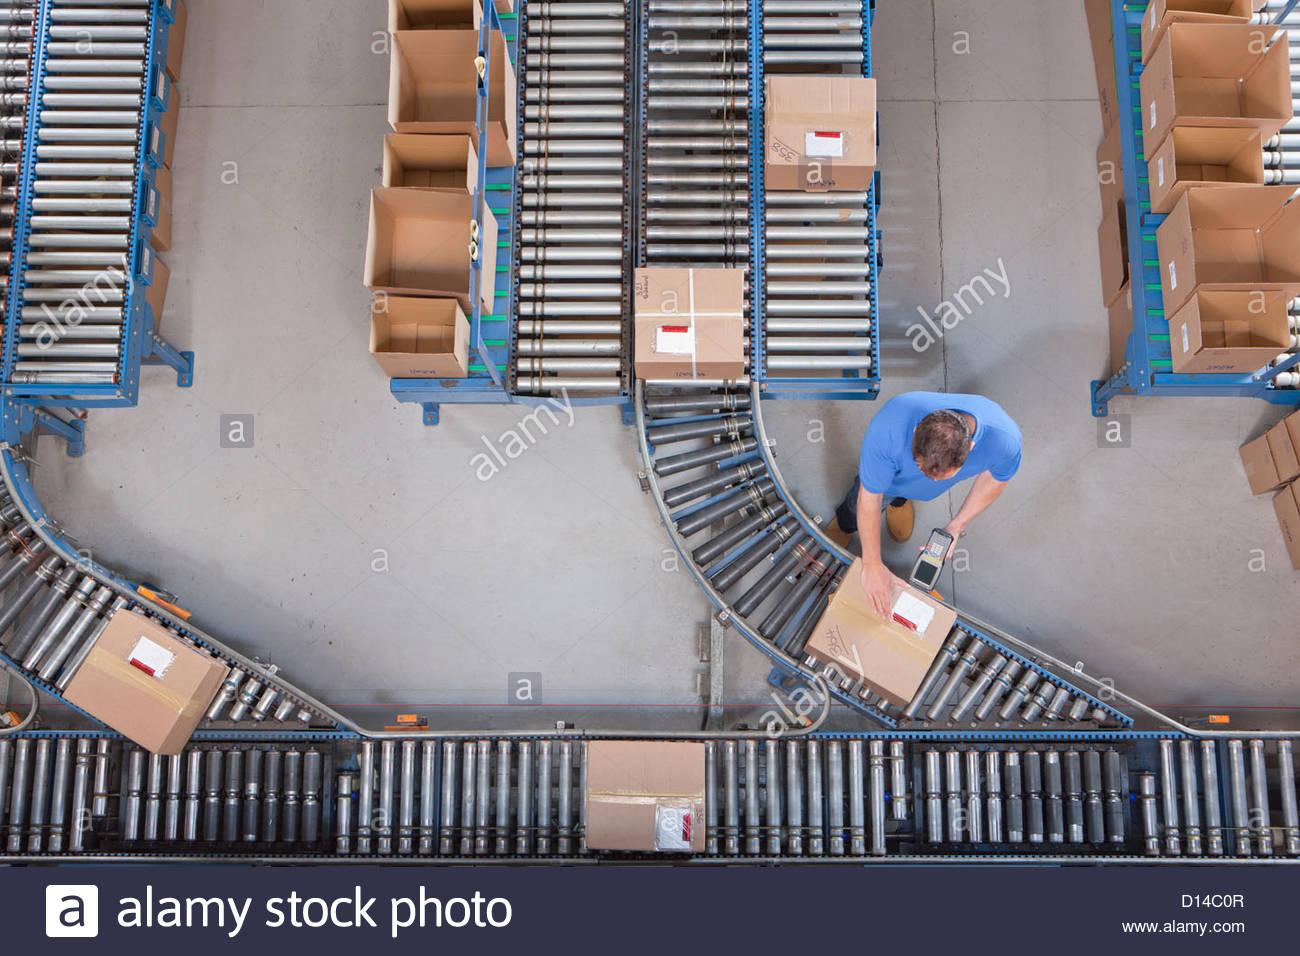 Lavoratore con lettore di codice a barre la scansione casella sul nastro trasportatore in magazzino di distribuzione Immagini Stock